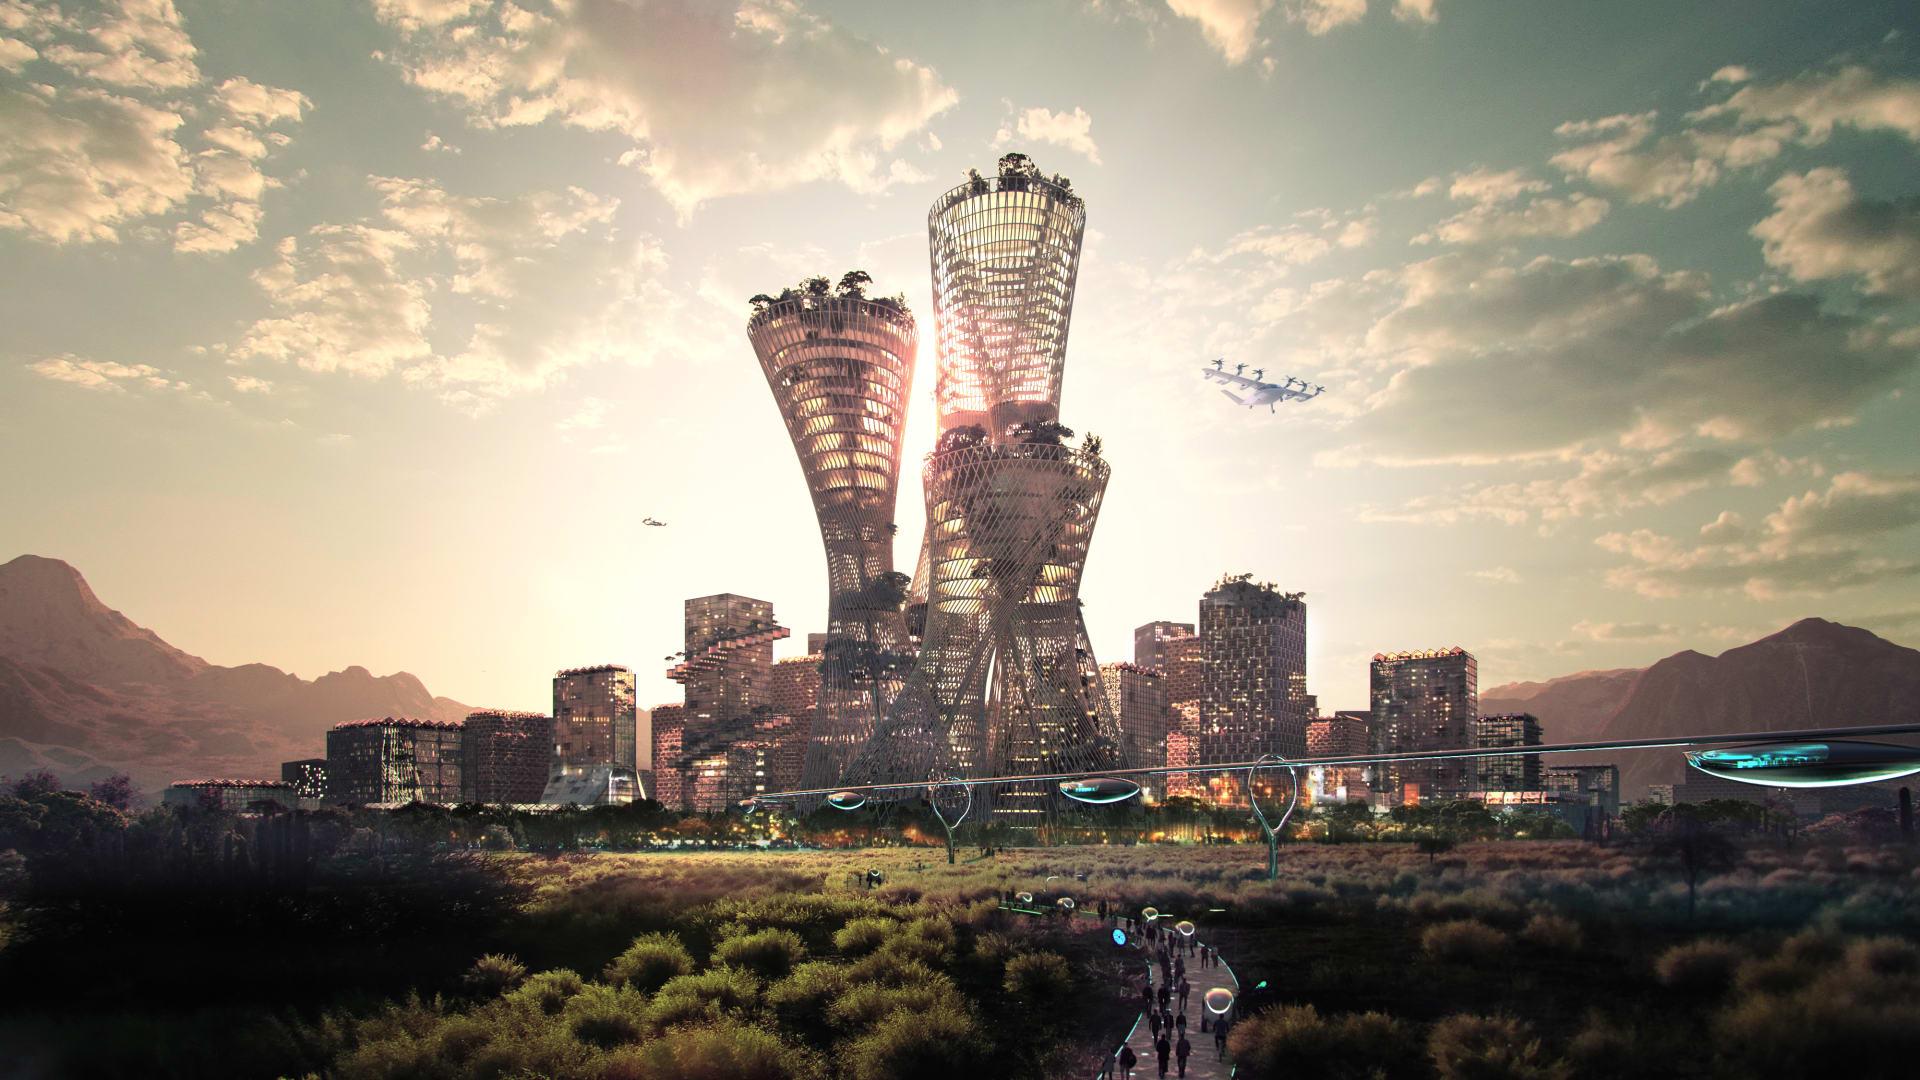 تبلغ تكلفتها 400 مليار دولار..كشف النقاب عن خطط لمدينة جديدة في صحراء أمريكا